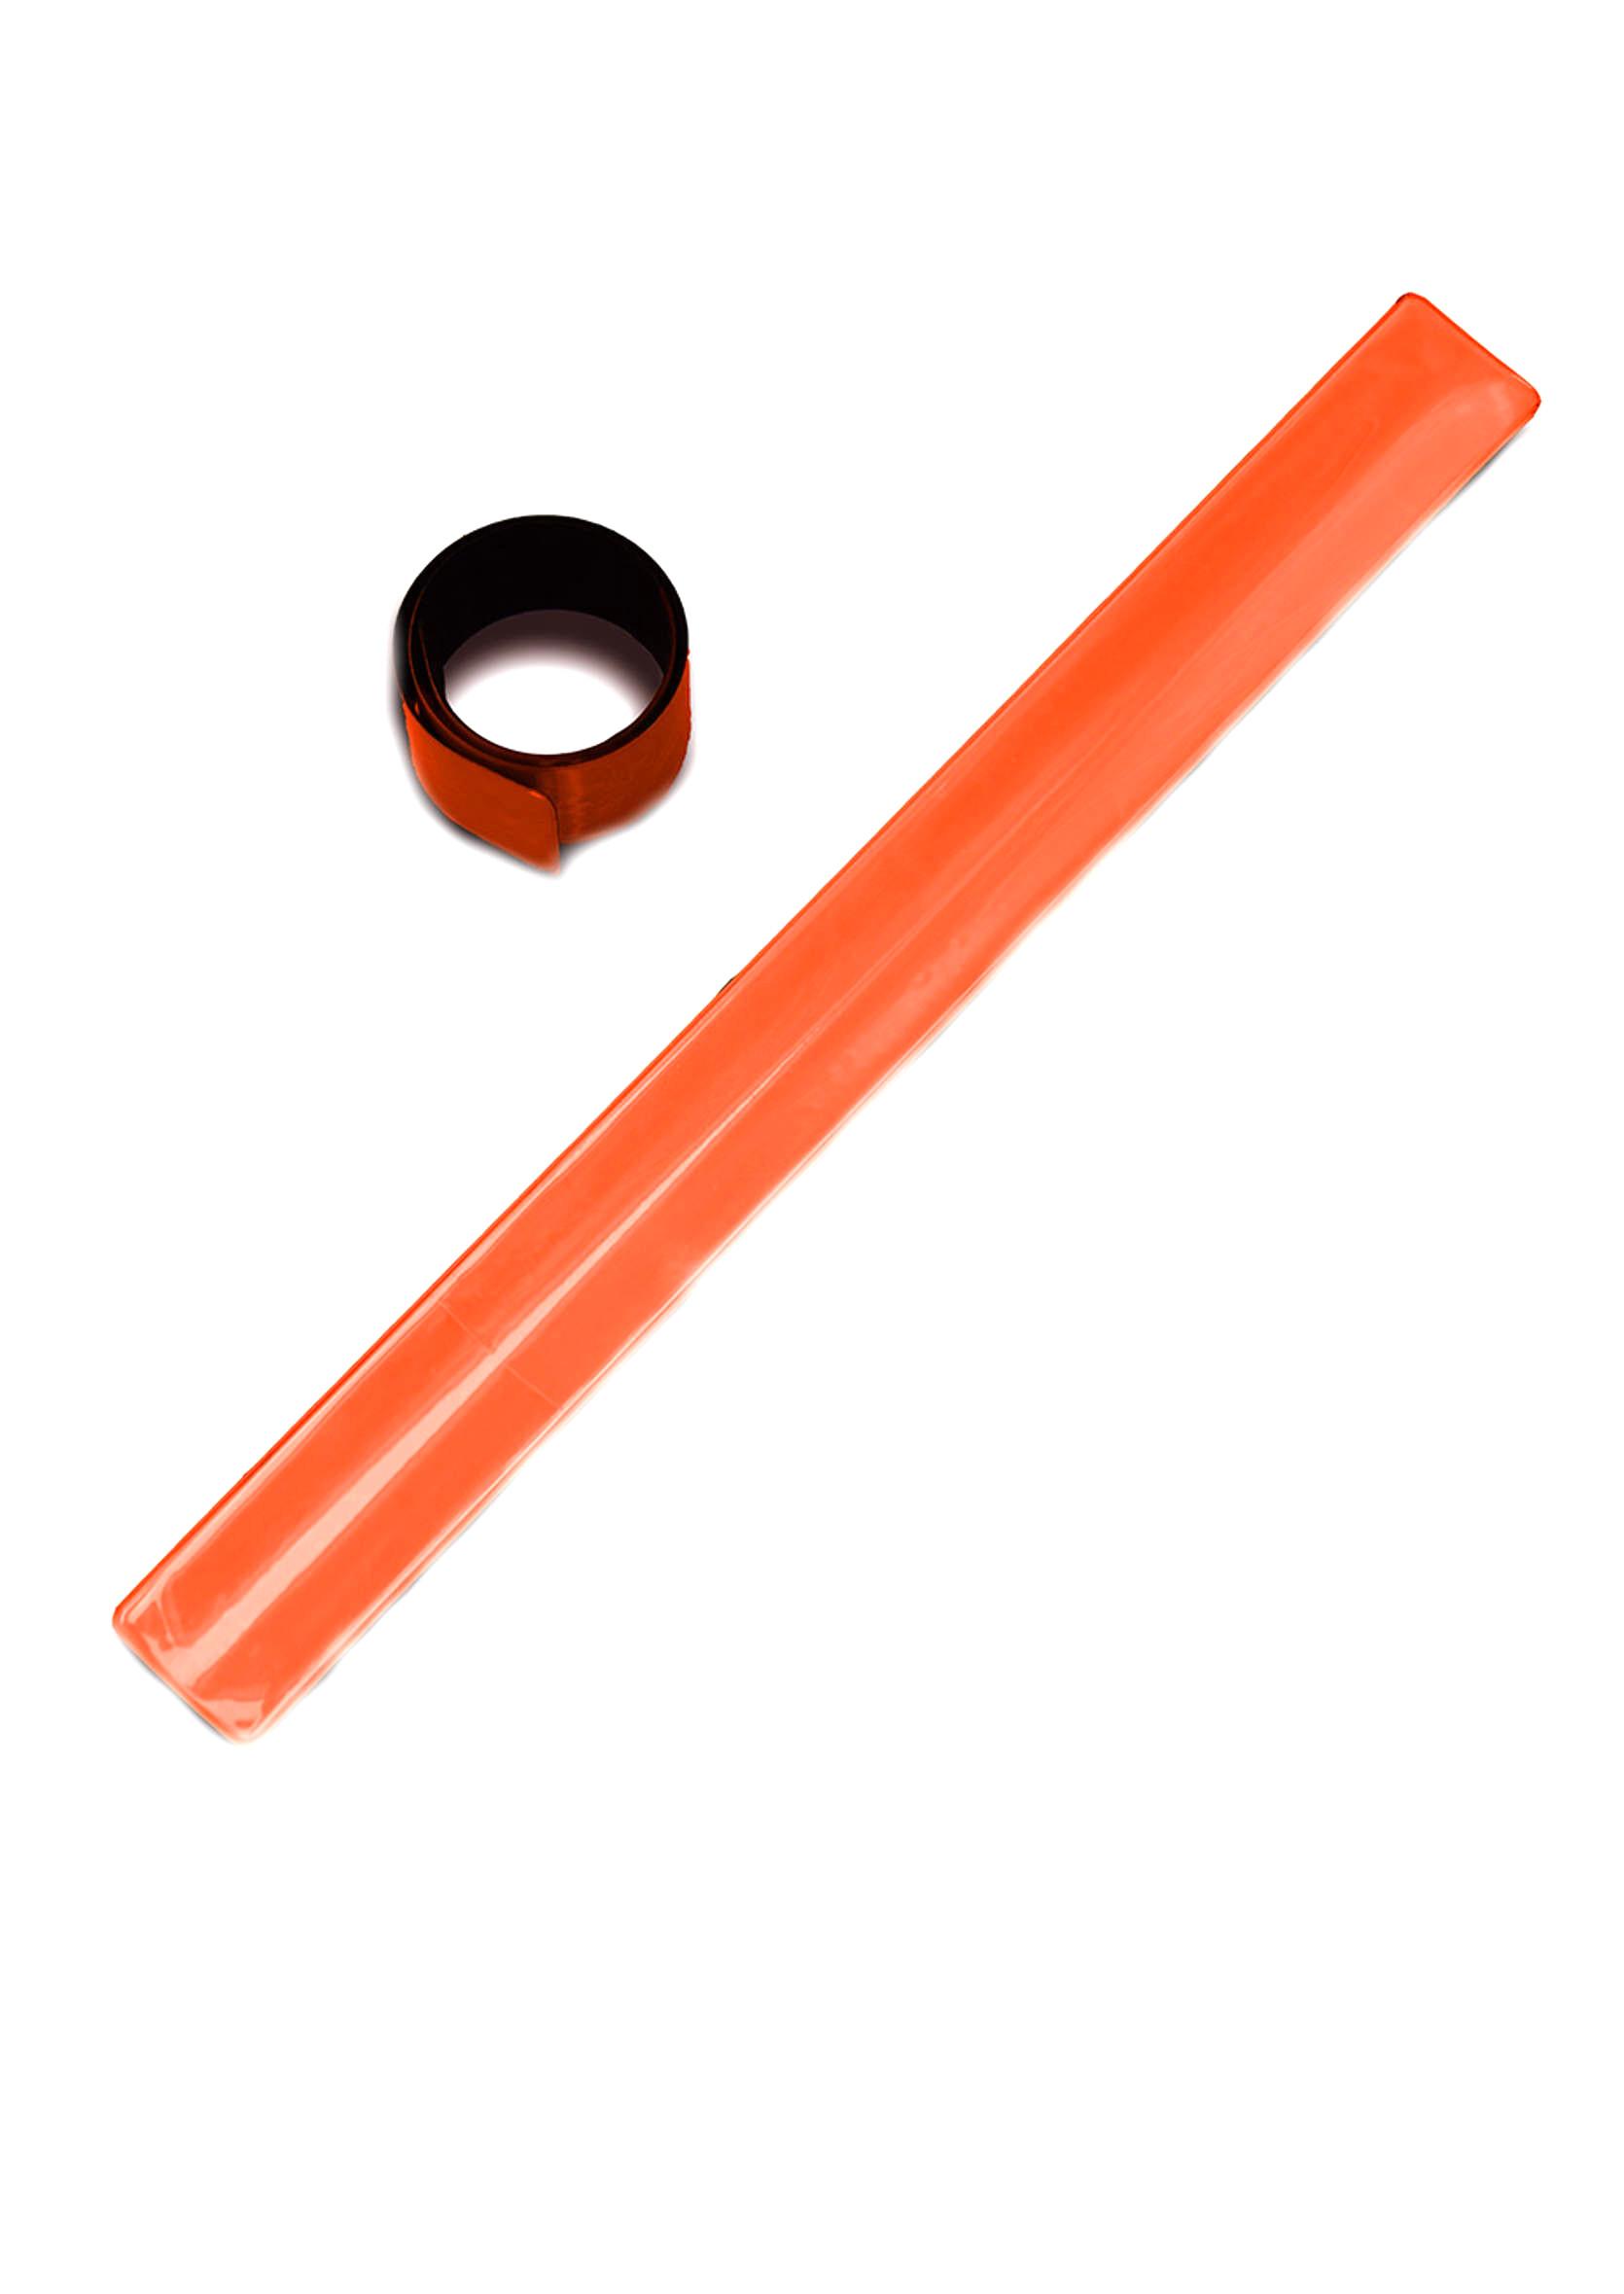 CarCommerce Opaska Odblaskowa Samozaciskowa Pomarańczowa 34x3cm